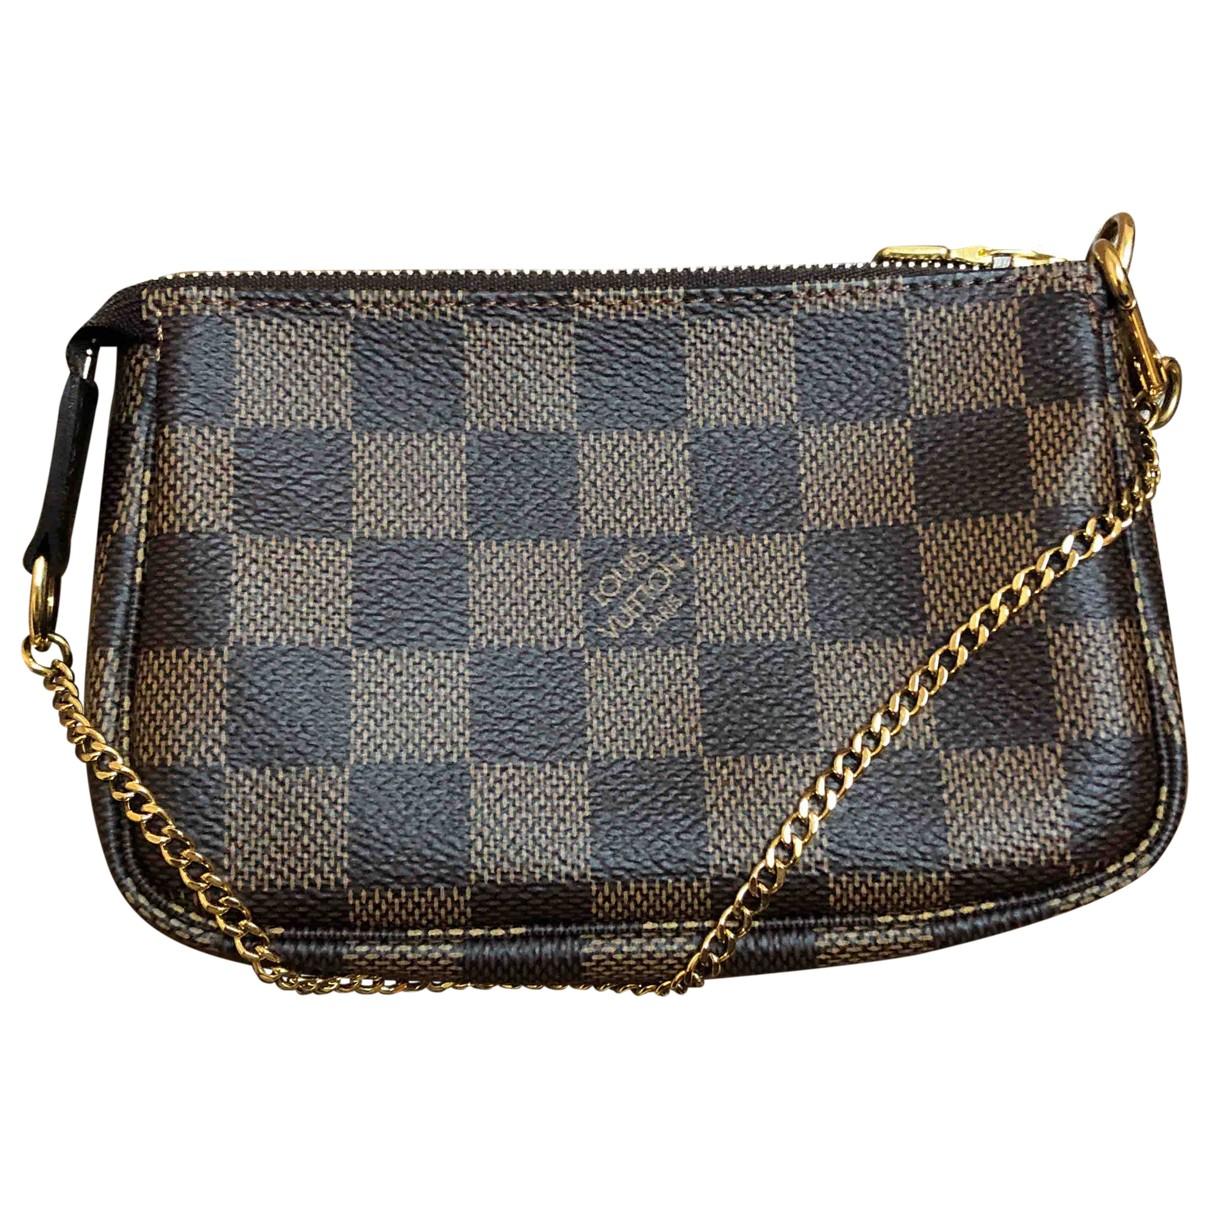 Louis Vuitton Pochette Accessoire Cloth Clutch bag for Women N